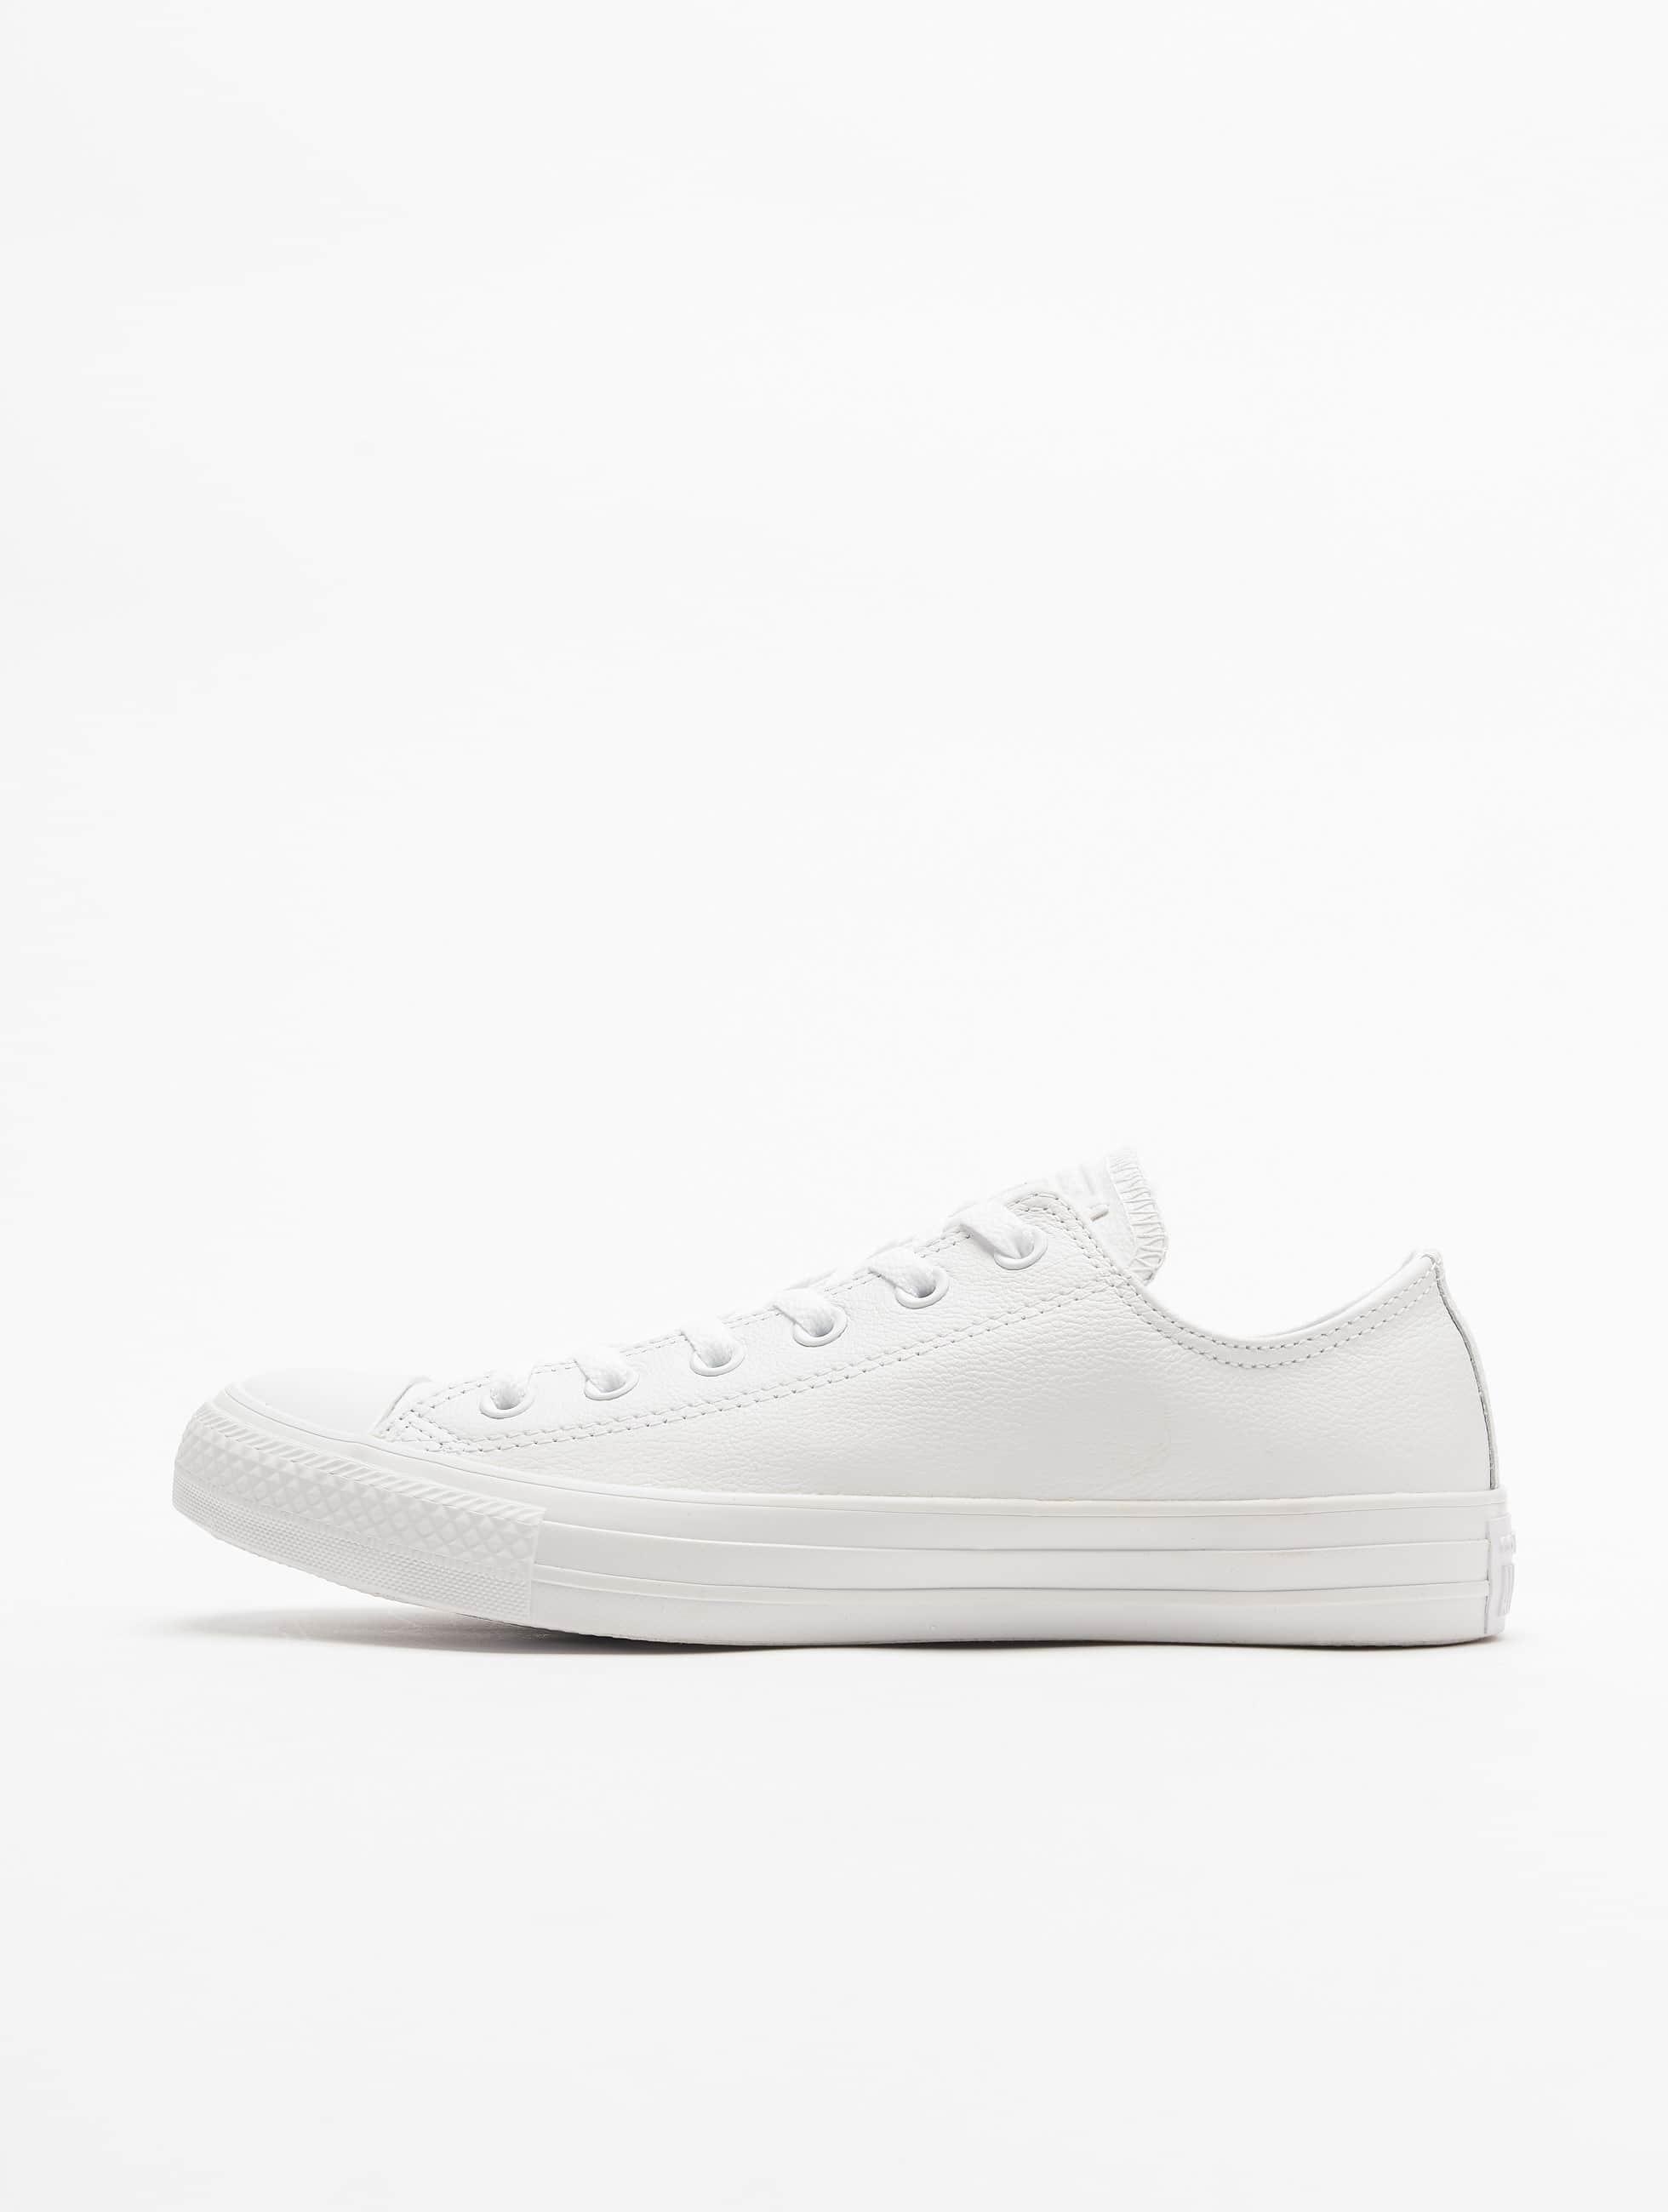 converse blanche monochrome